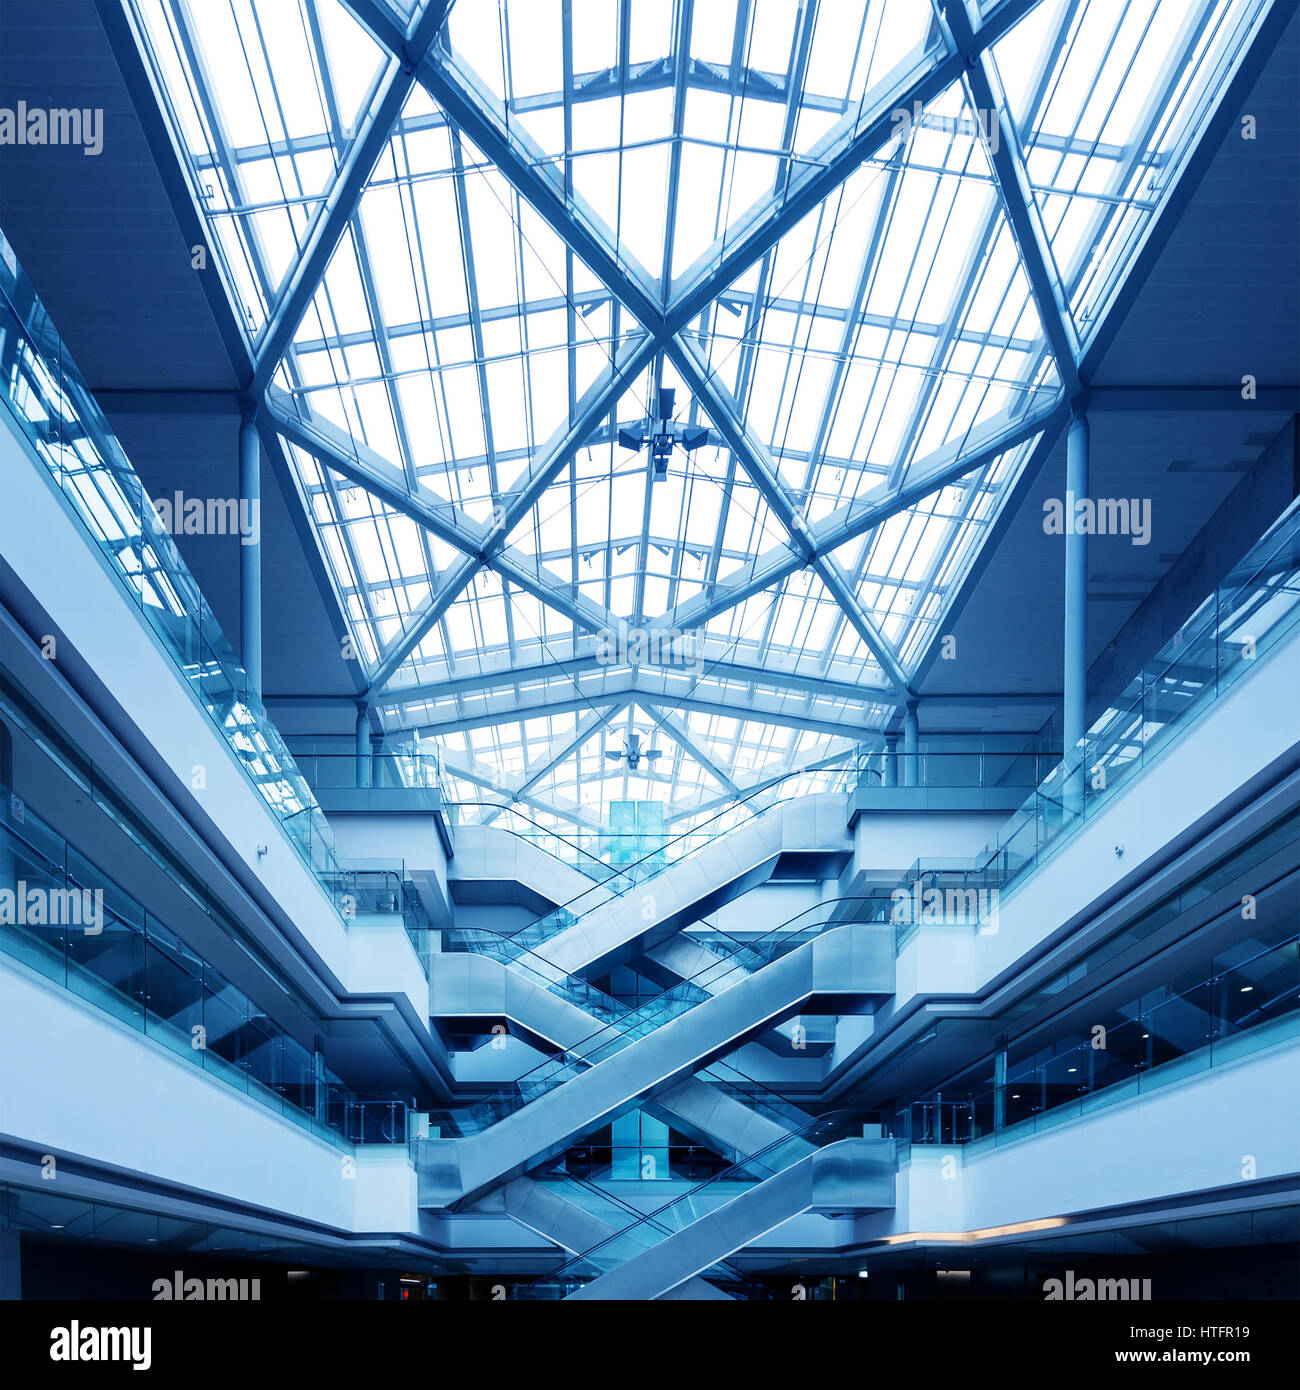 Hongqiao Airport Stock Photos  U0026 Hongqiao Airport Stock